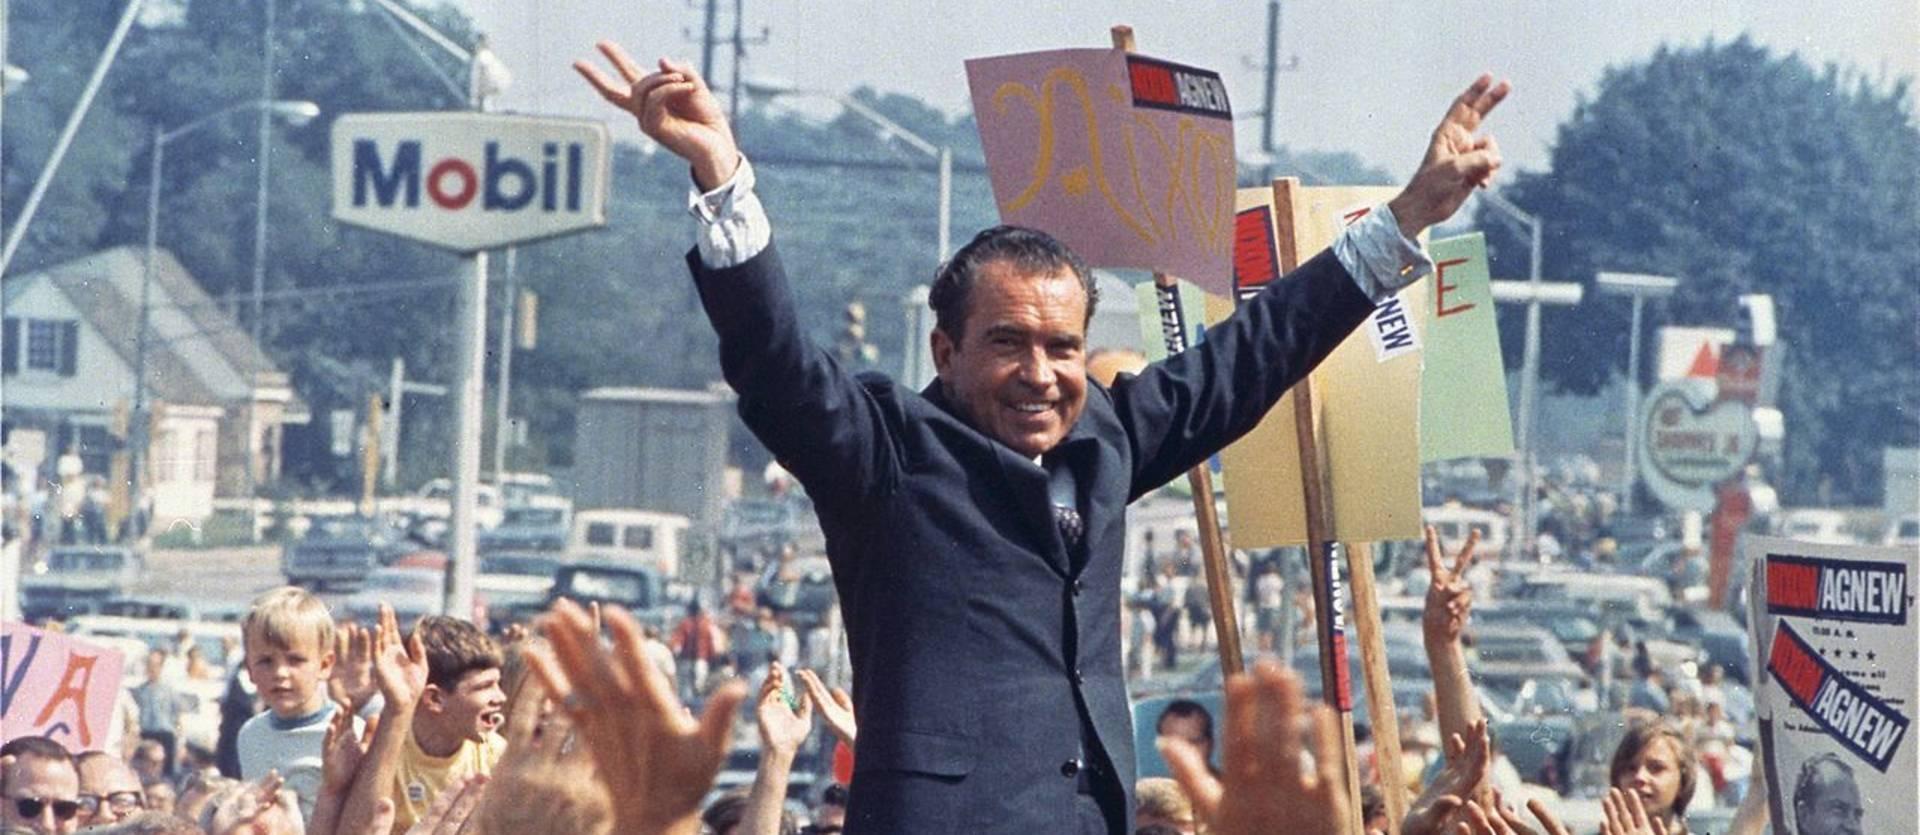 Nixon se toma la revancha en un país asomado al caos (1968)